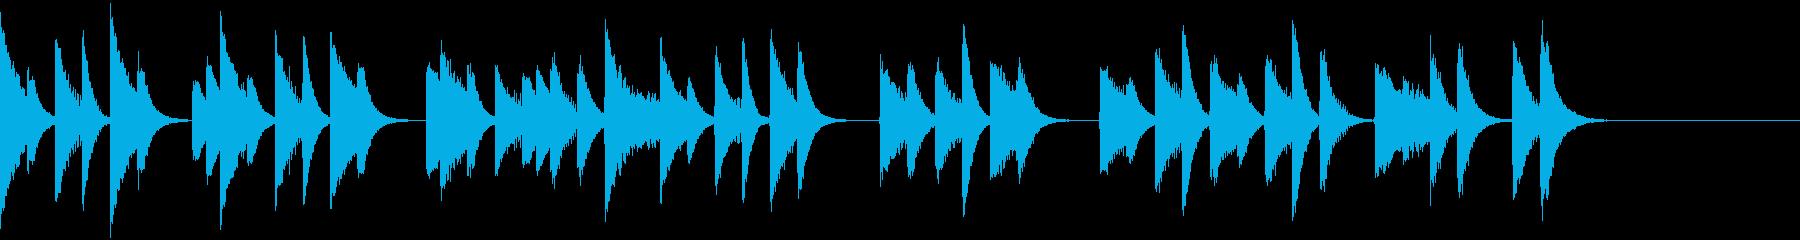 軽やかでコミカルなピアノジングルの再生済みの波形